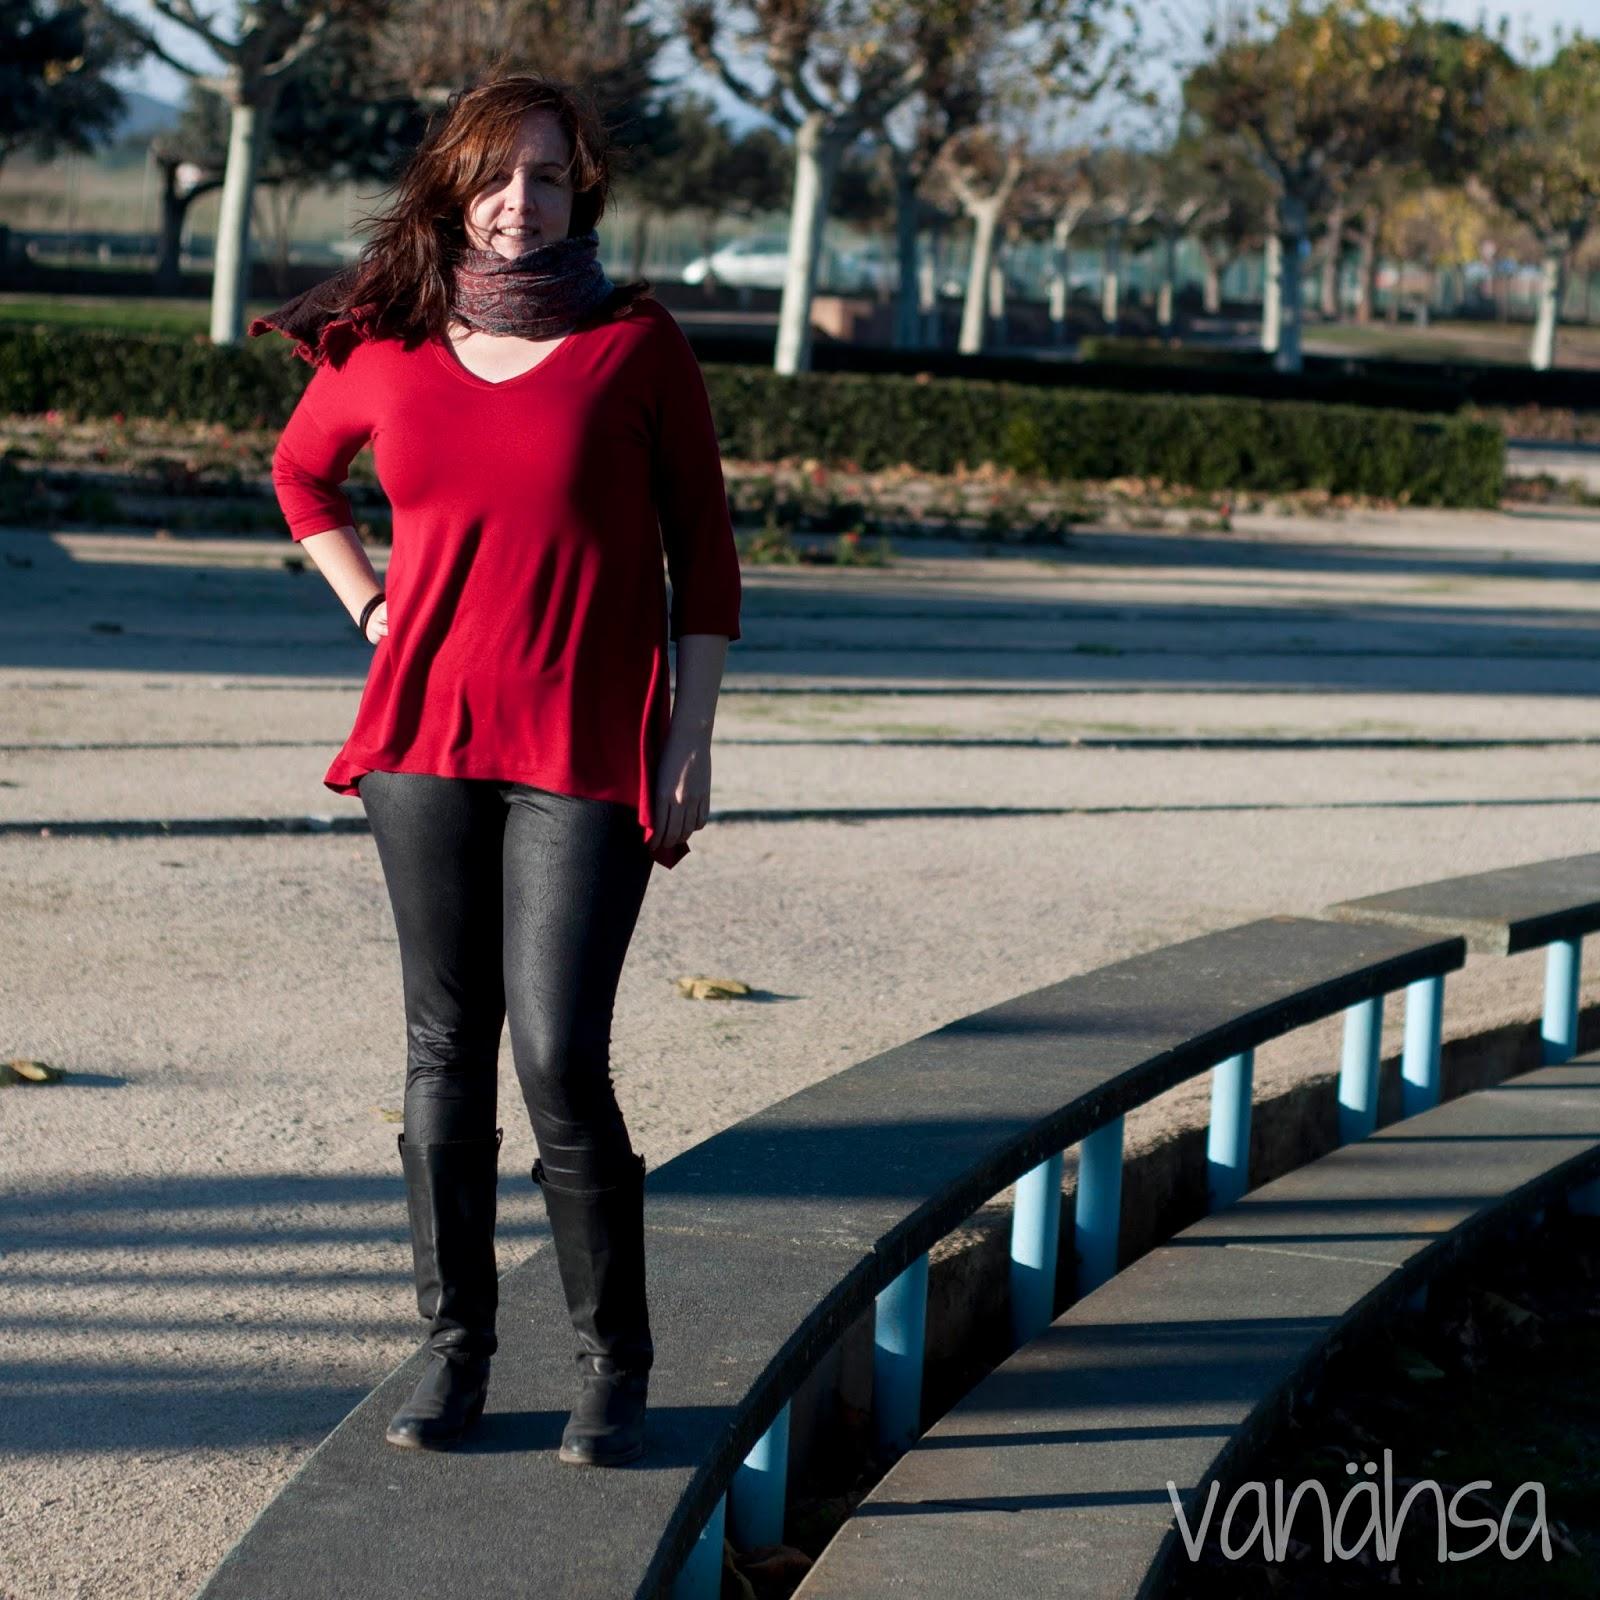 d50e7b068f vanaehsa  de novembre 2015